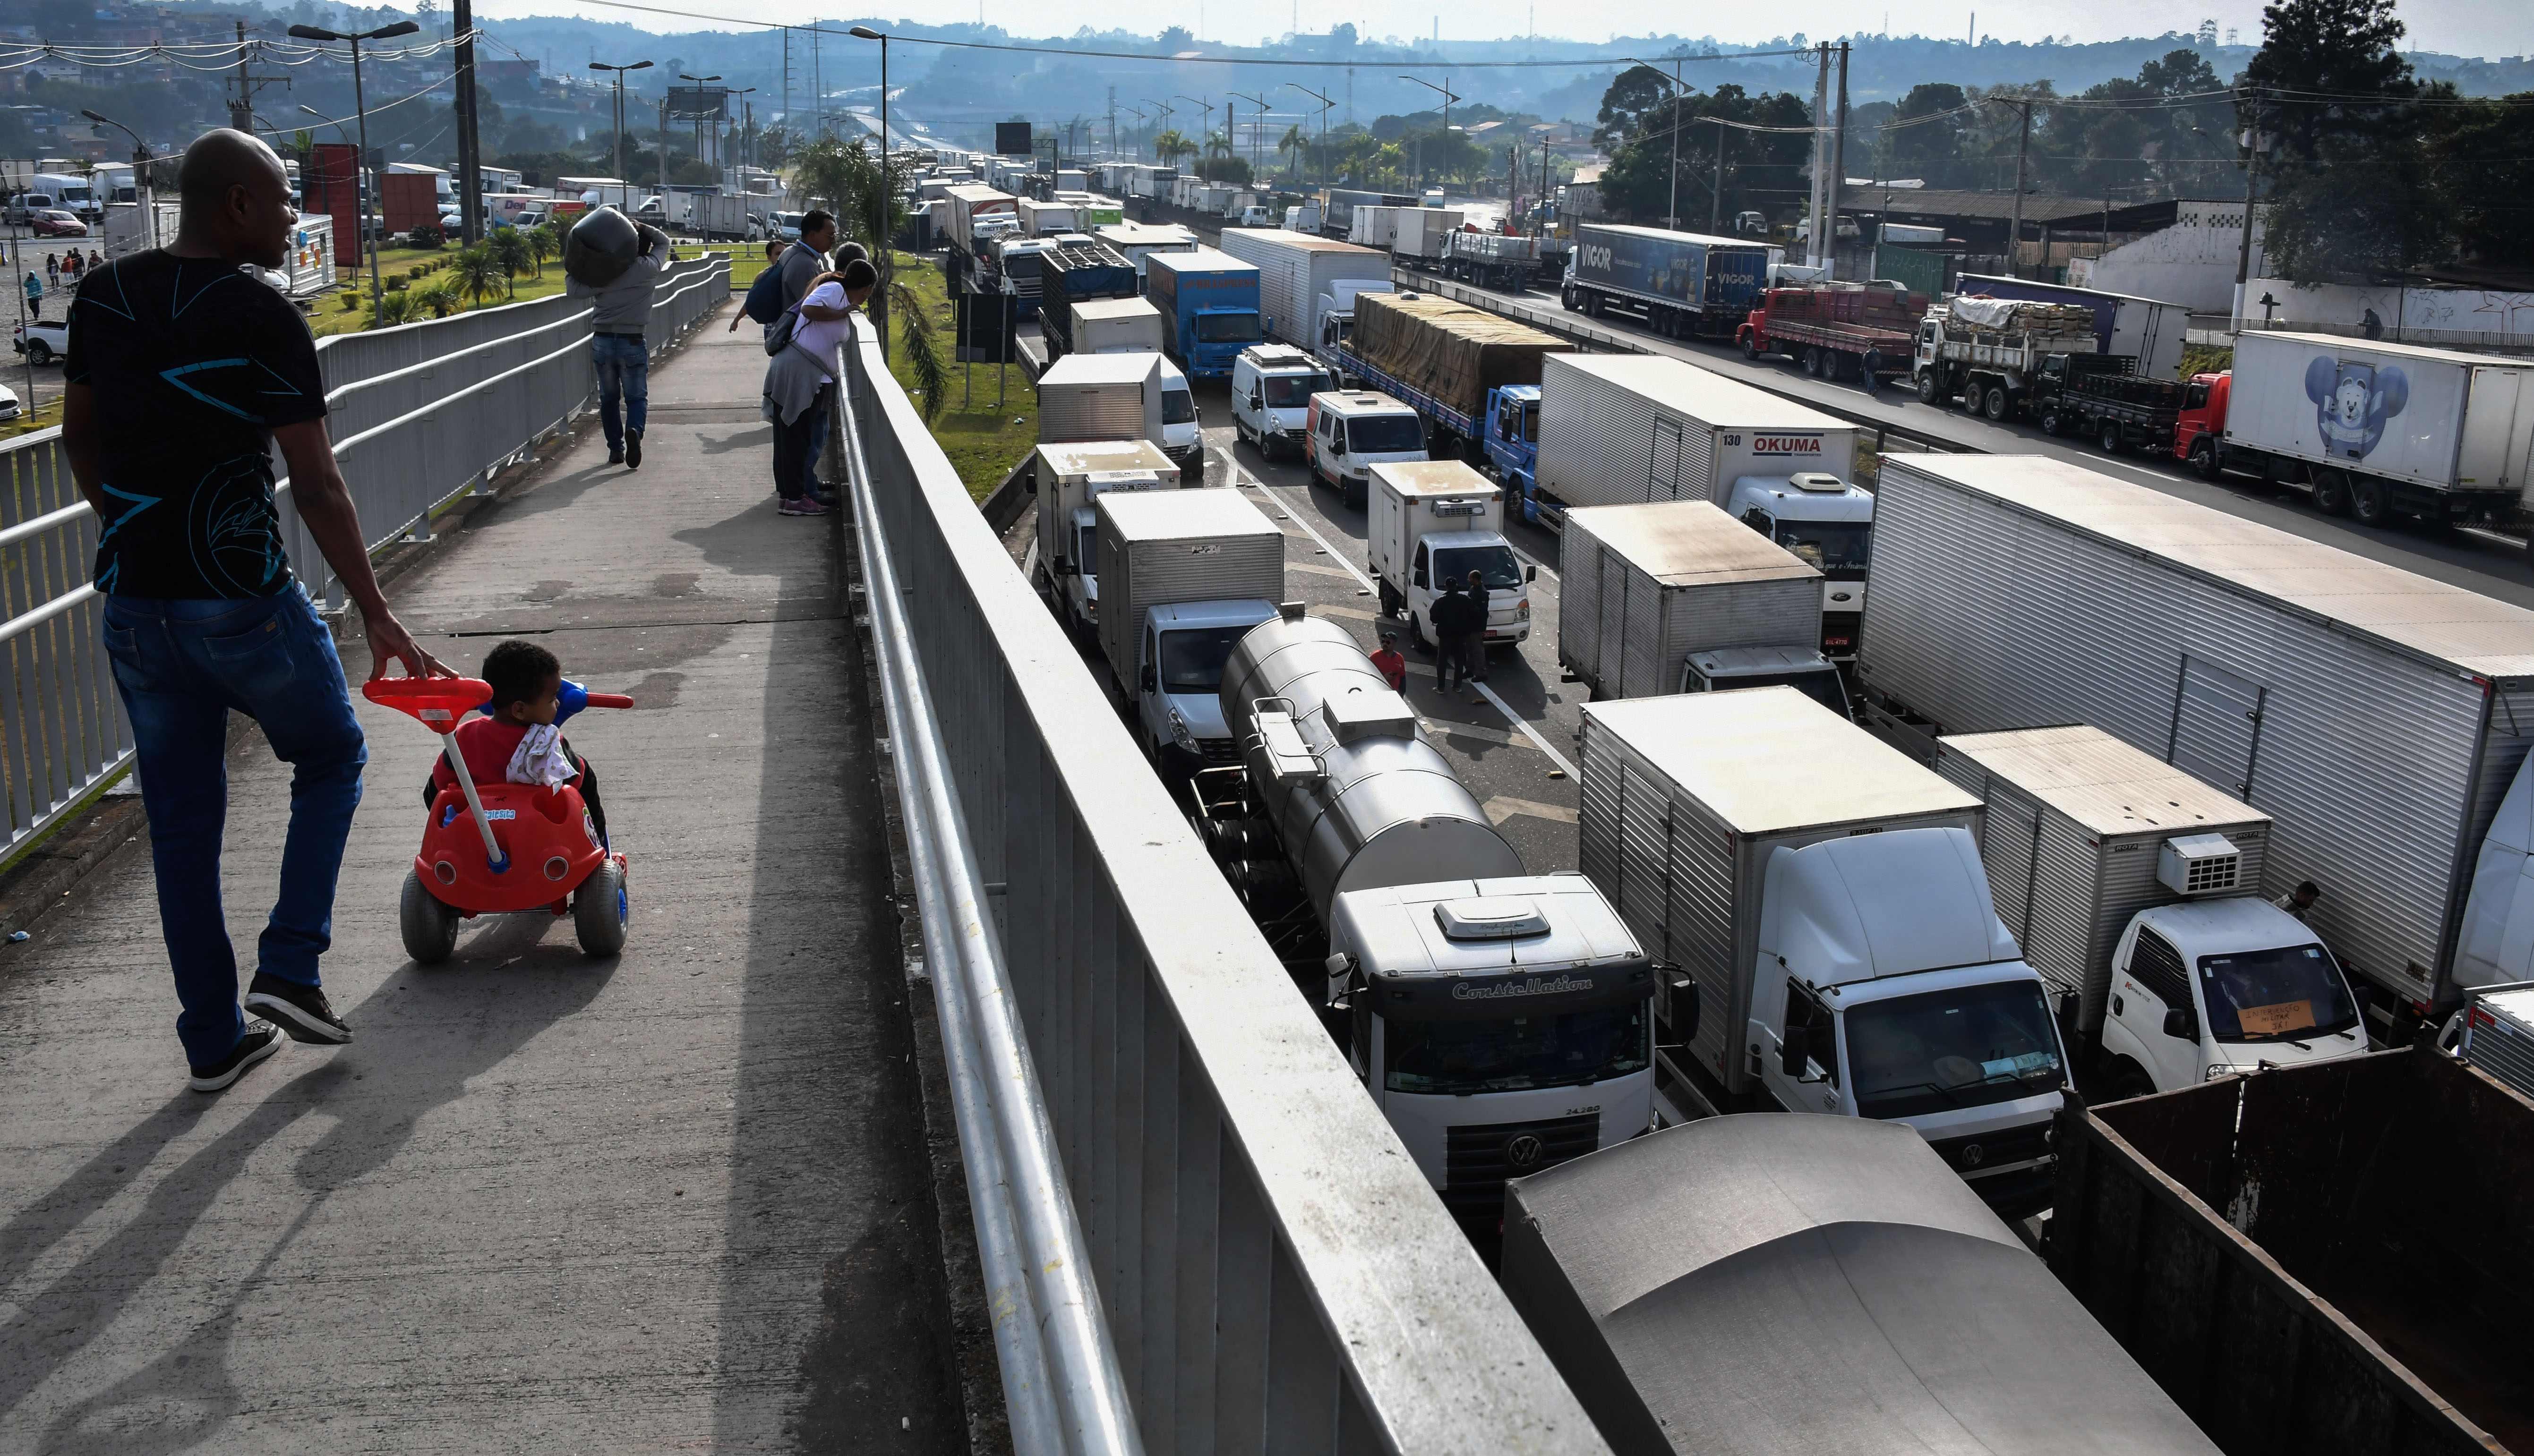 غلق طرق رئيسية فى البرازيل بالشاحنات